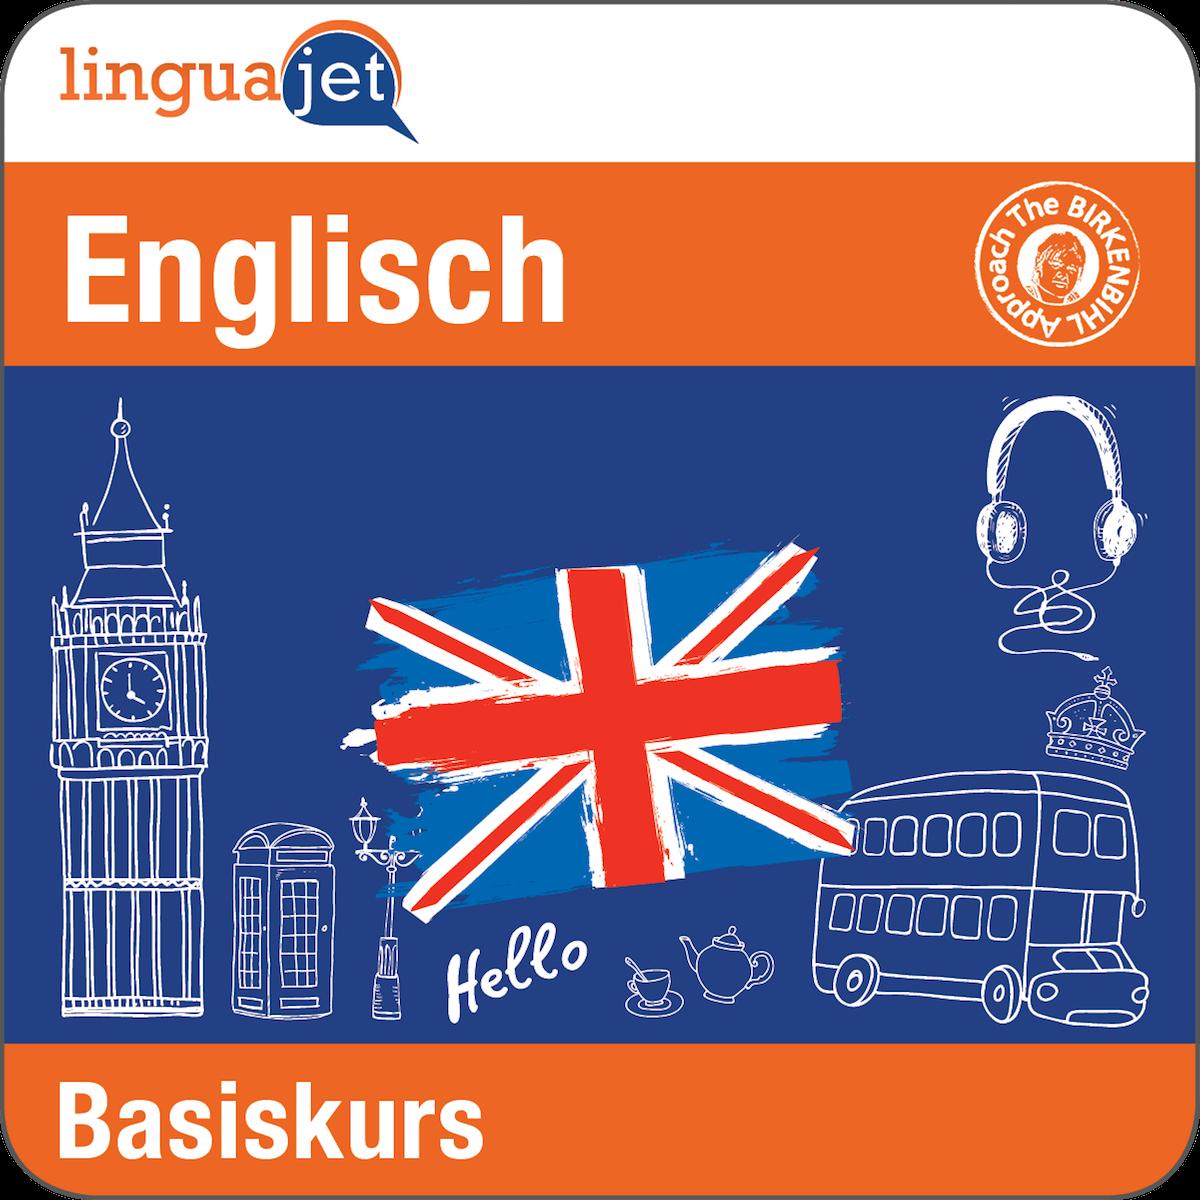 Mit dem Basis Englischkurs online lernen sich grundlegend zu verständigen